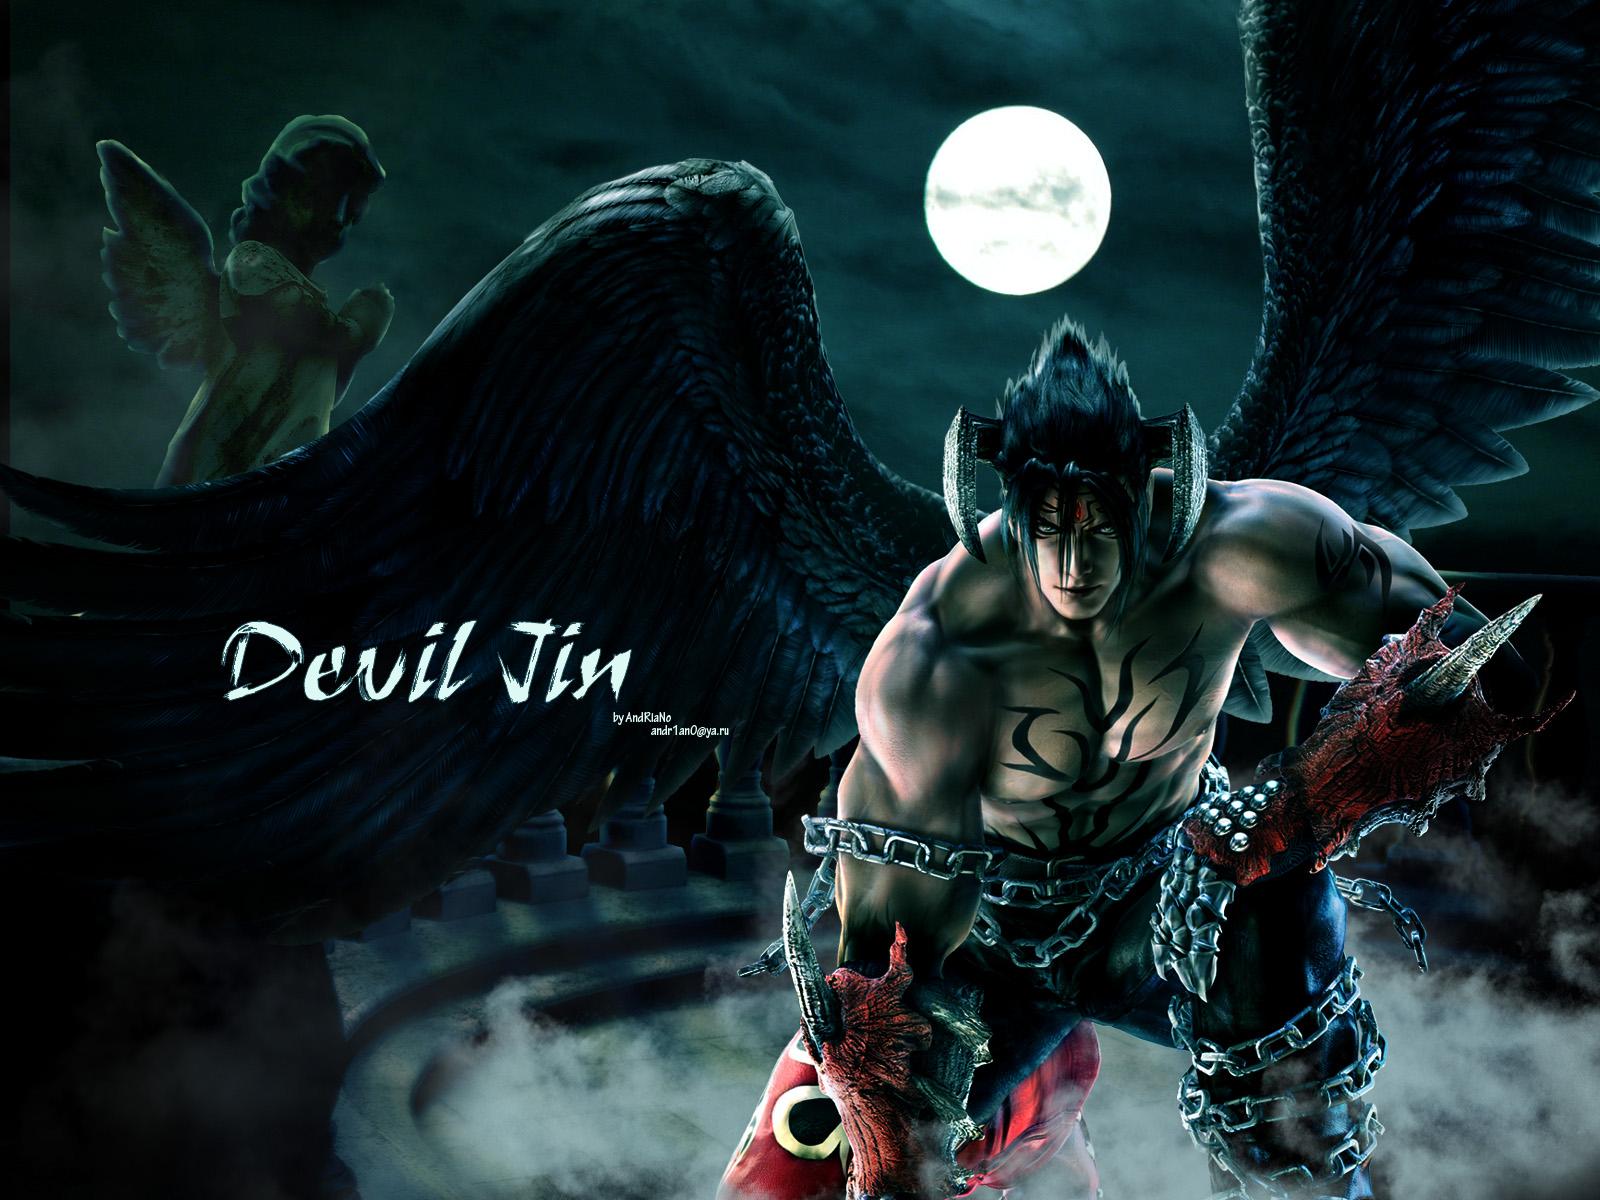 video game tekken 6 warrior angel wings wallpaper download